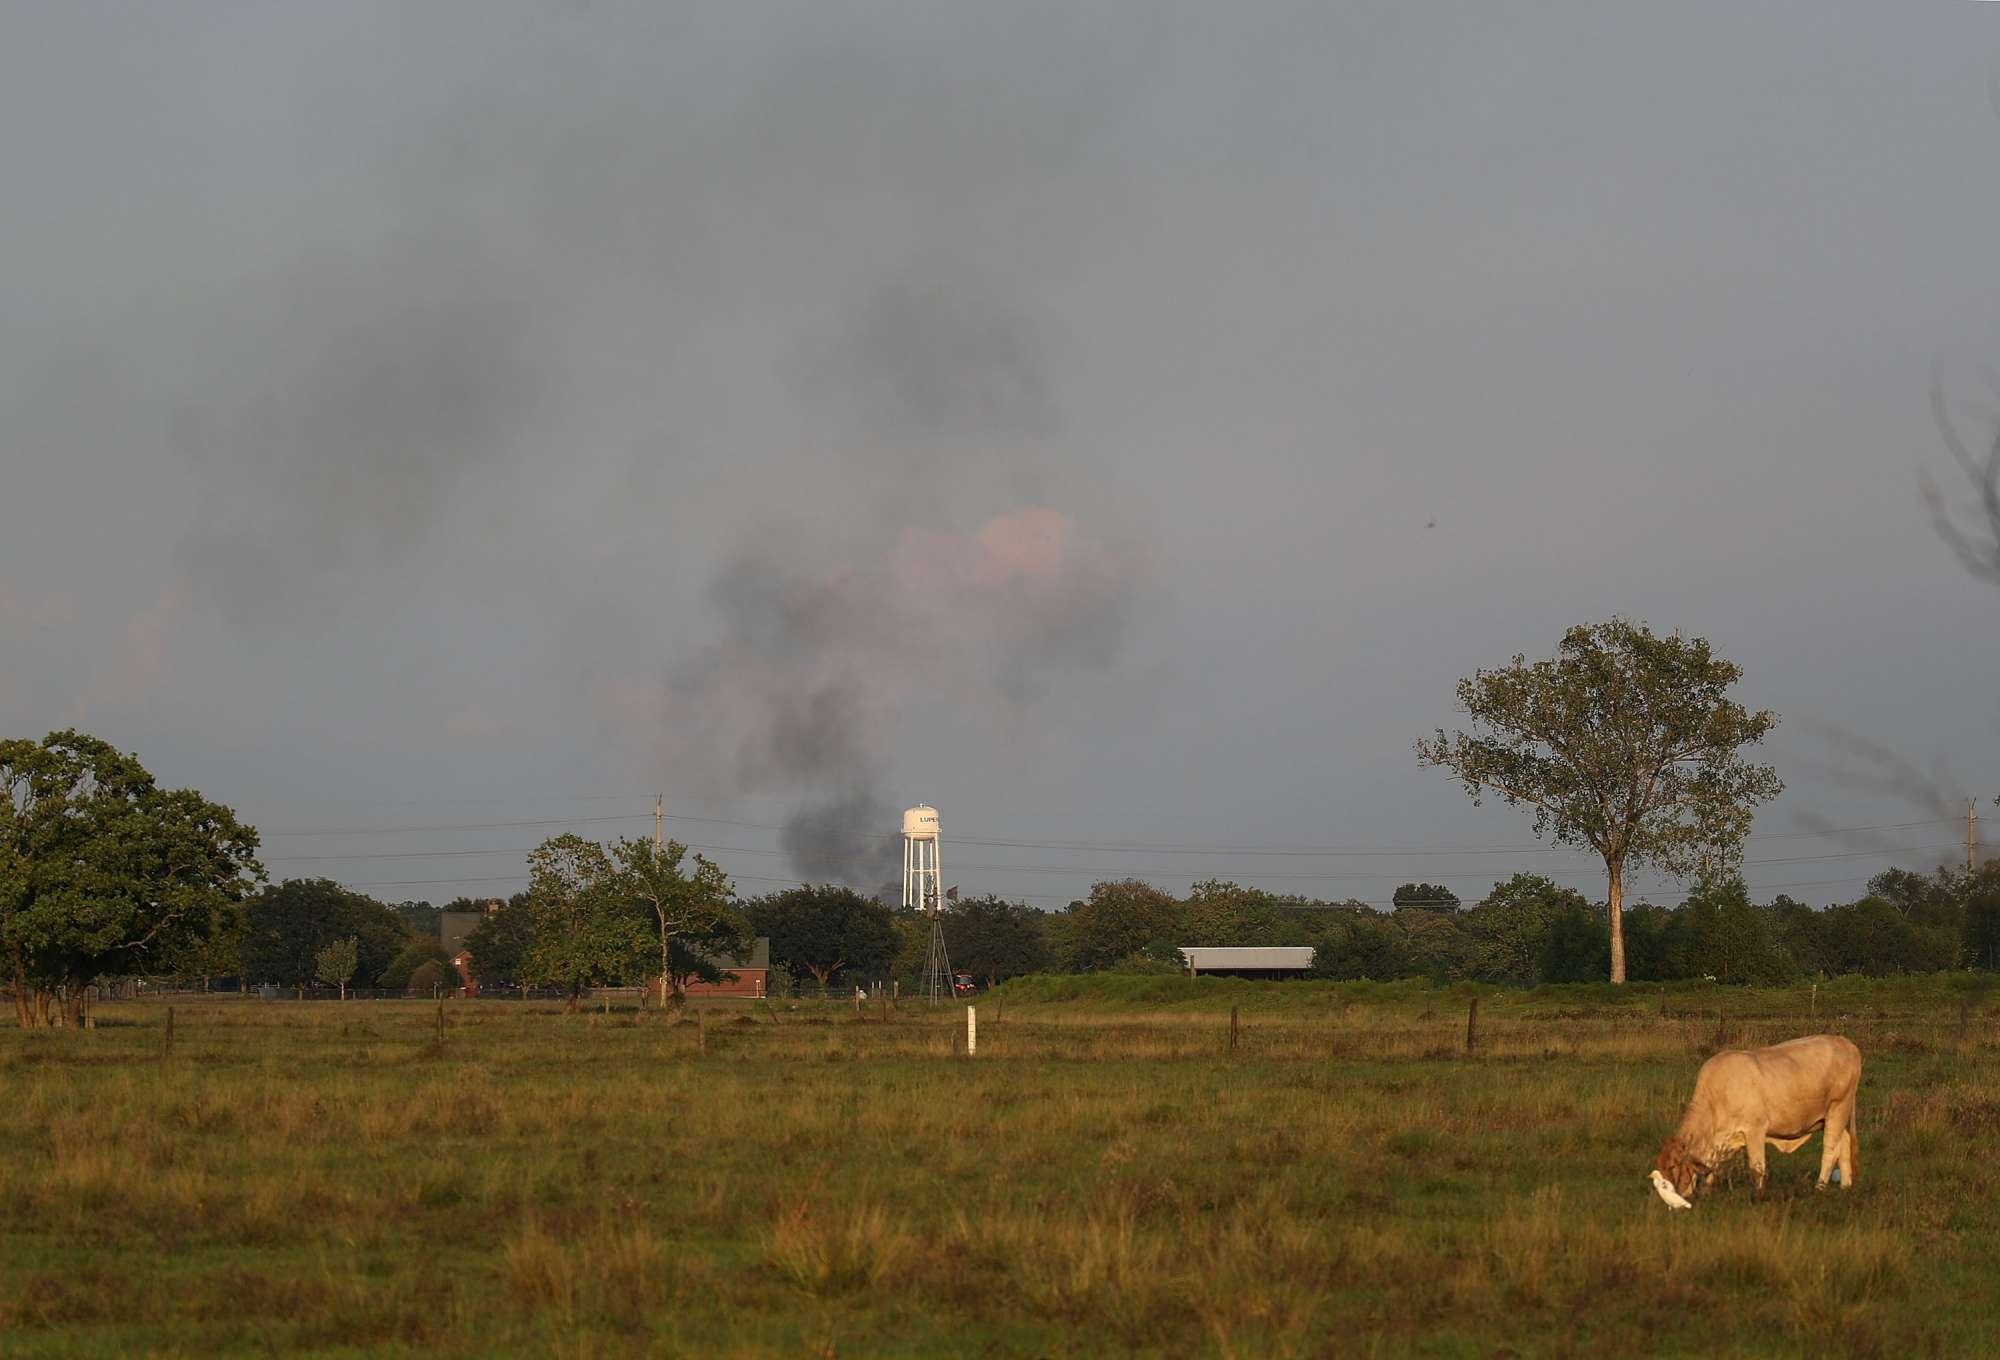 Harvey, fumo e fiamme in un impianto chimico in Texas